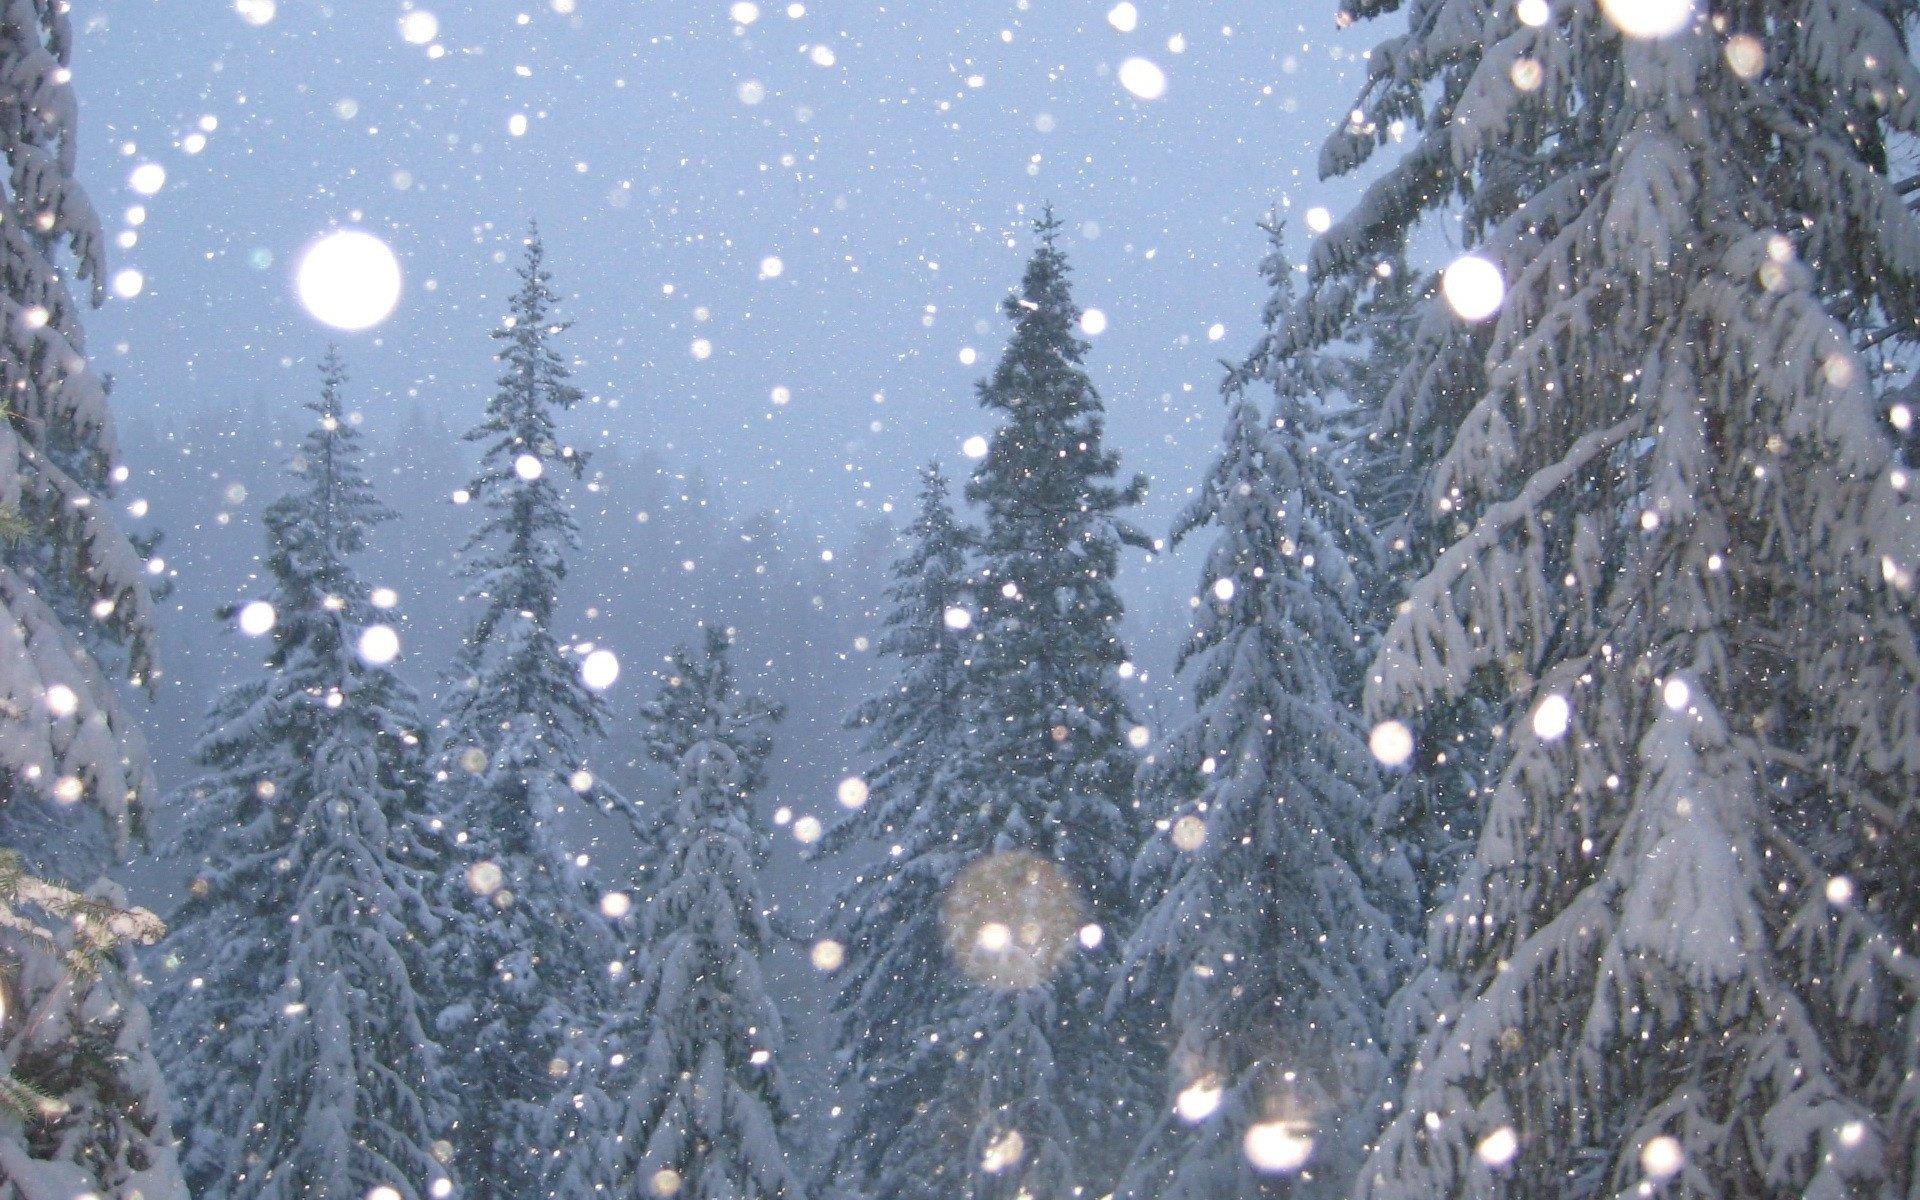 Снегопад картинки с анимацией, хорошего